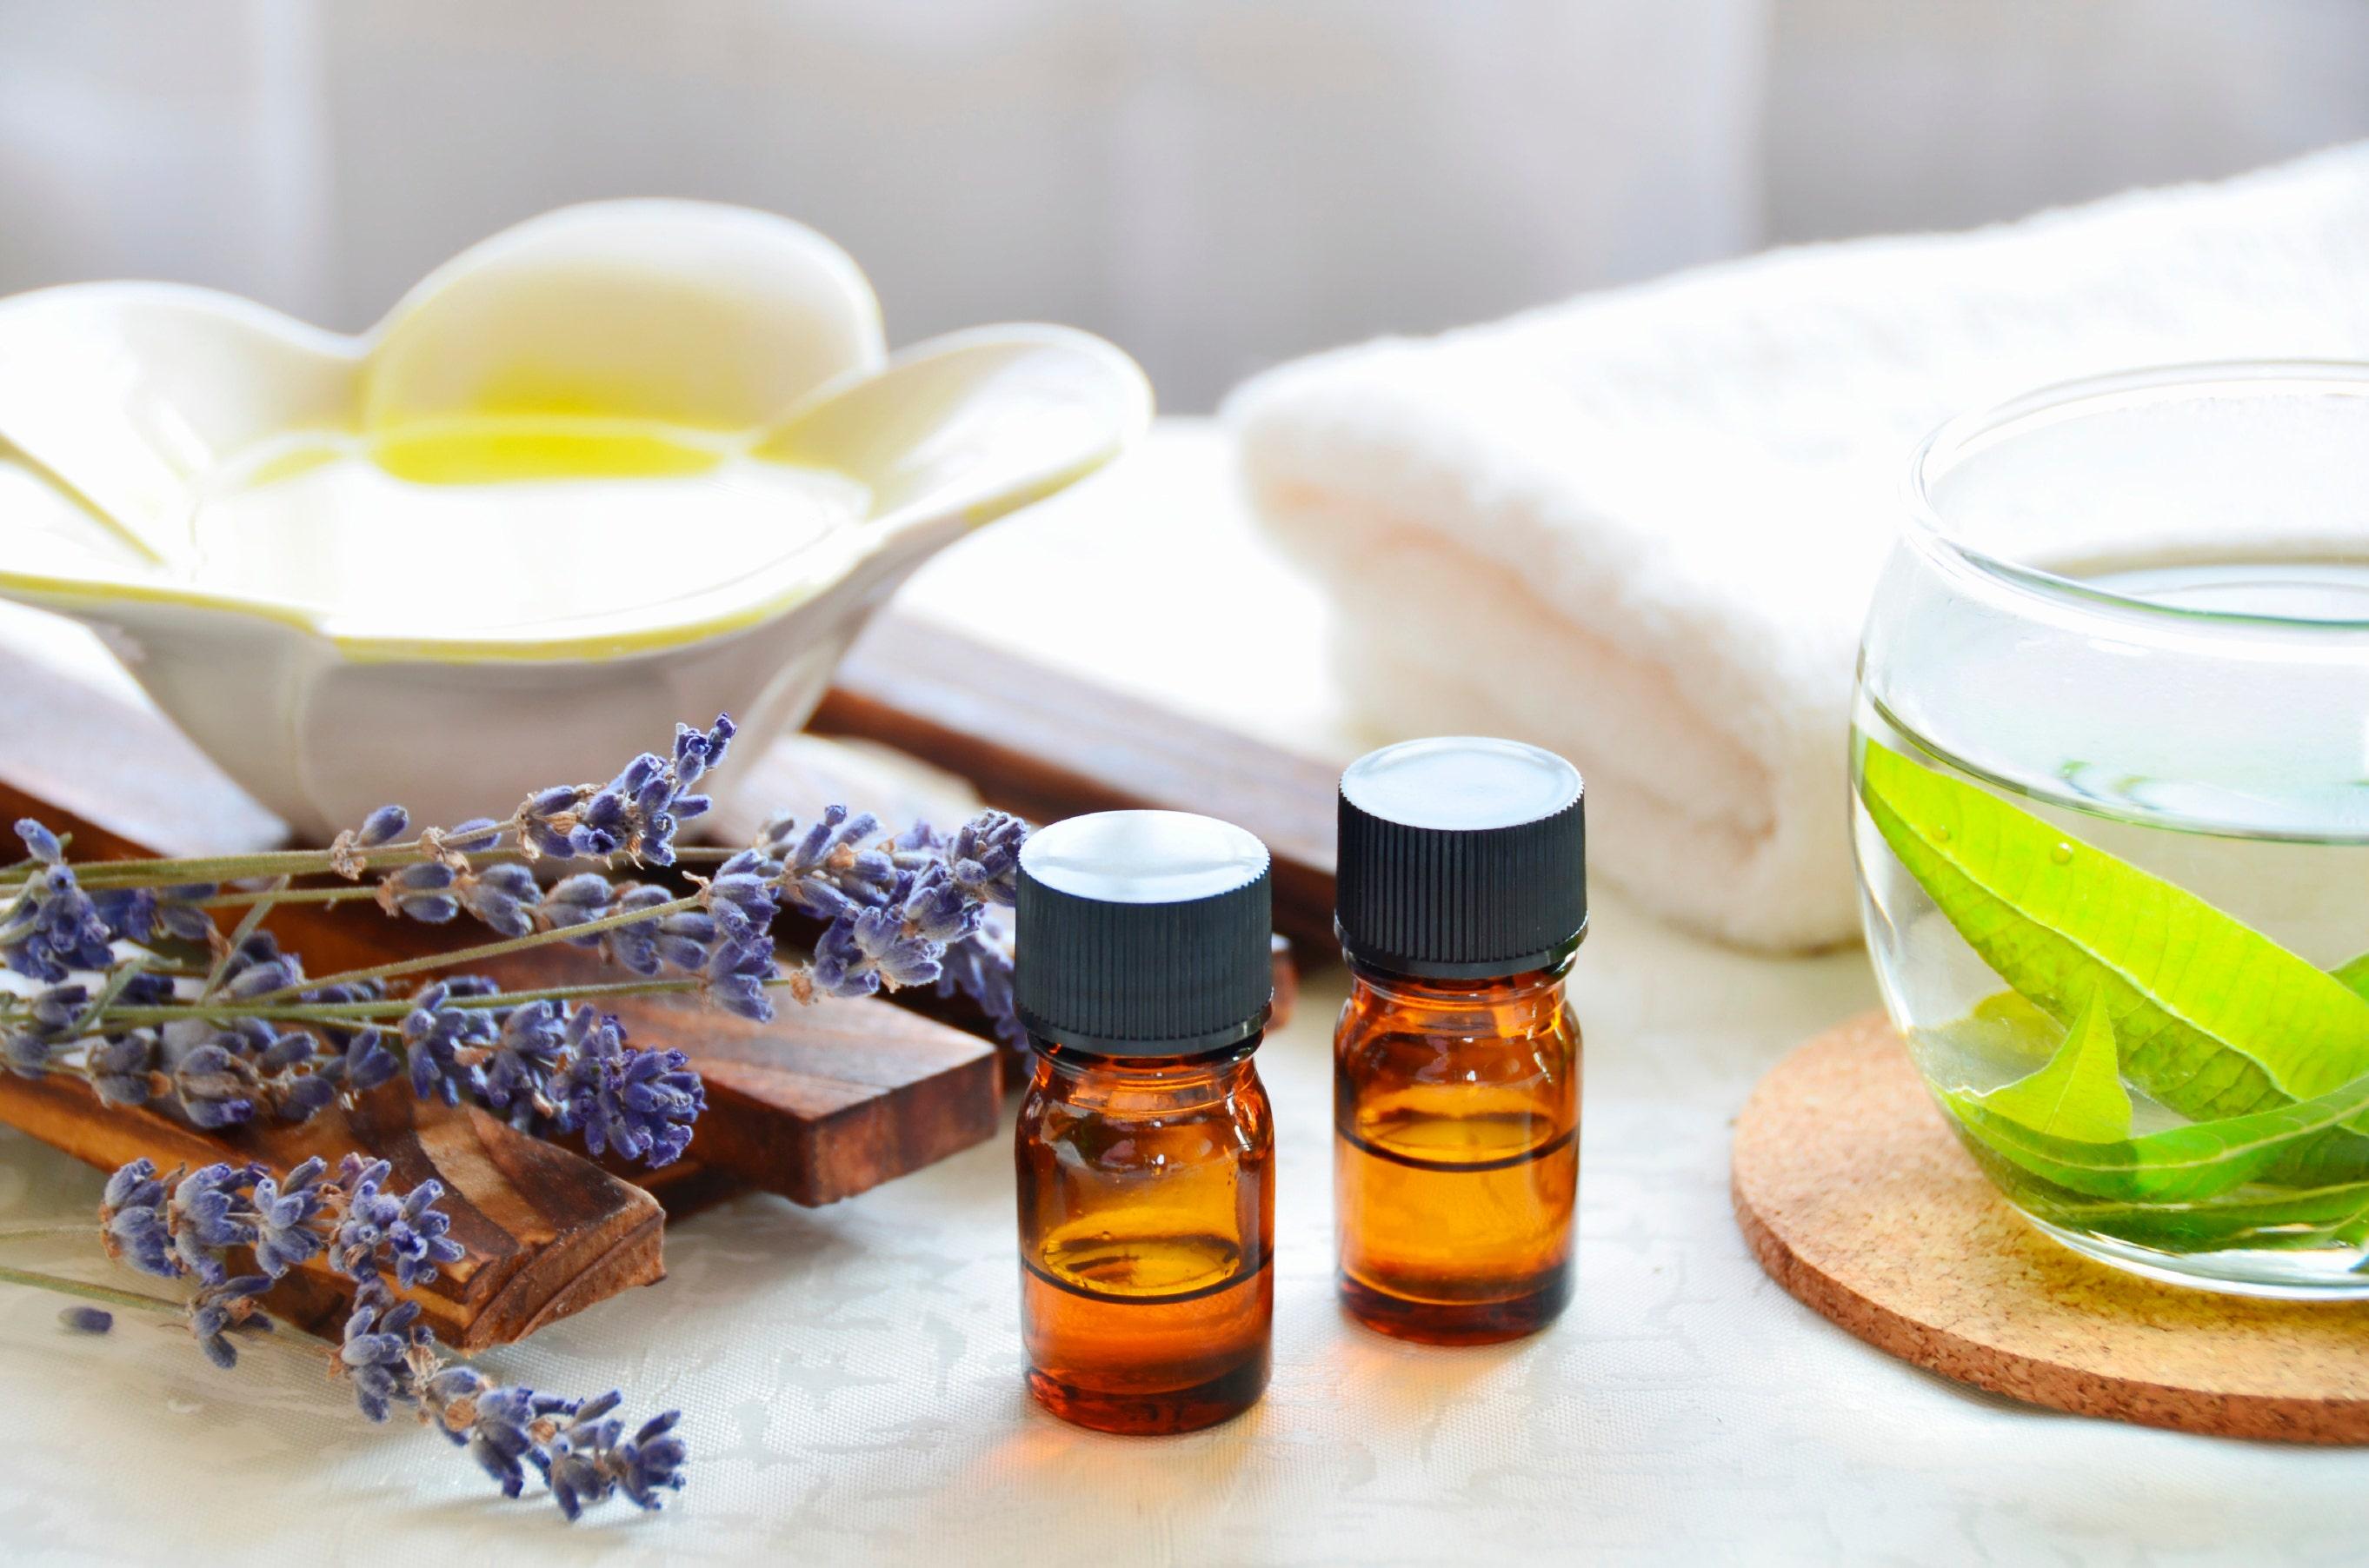 How to enjoy aromatherapy safely